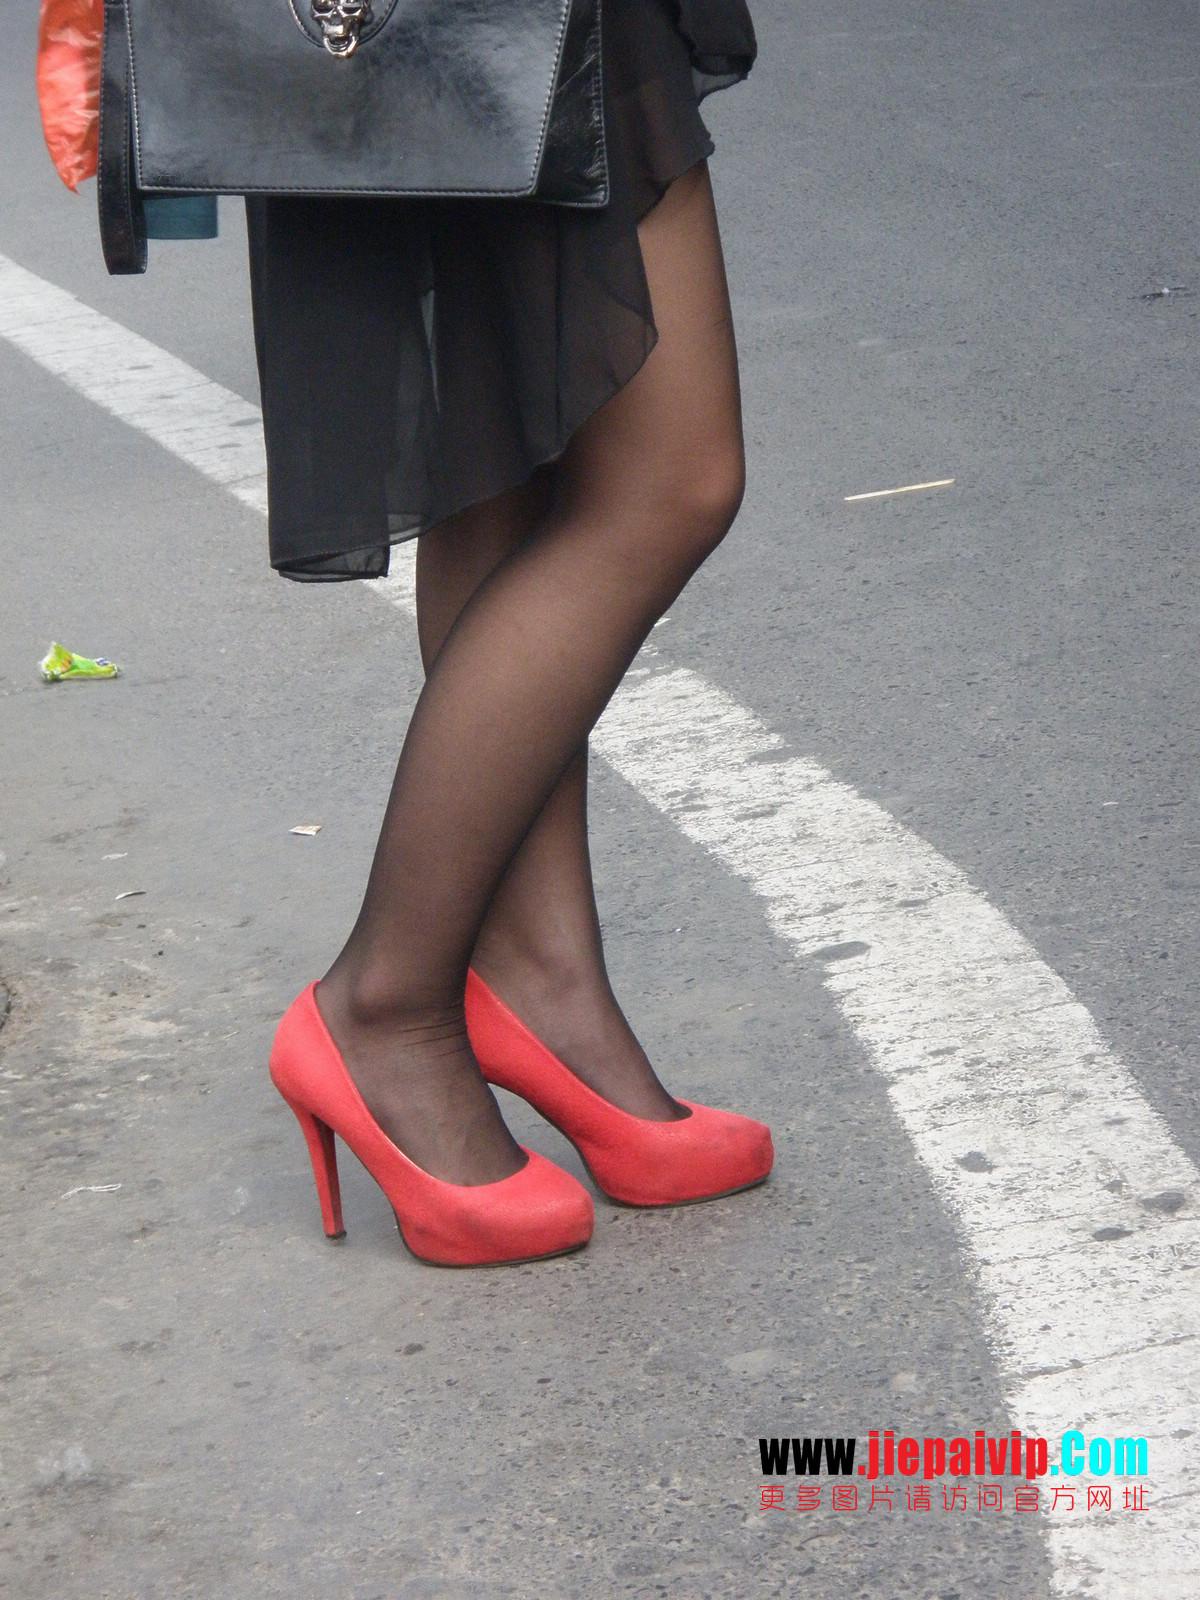 性感的红色高跟鞋黑丝袜美腿女人10